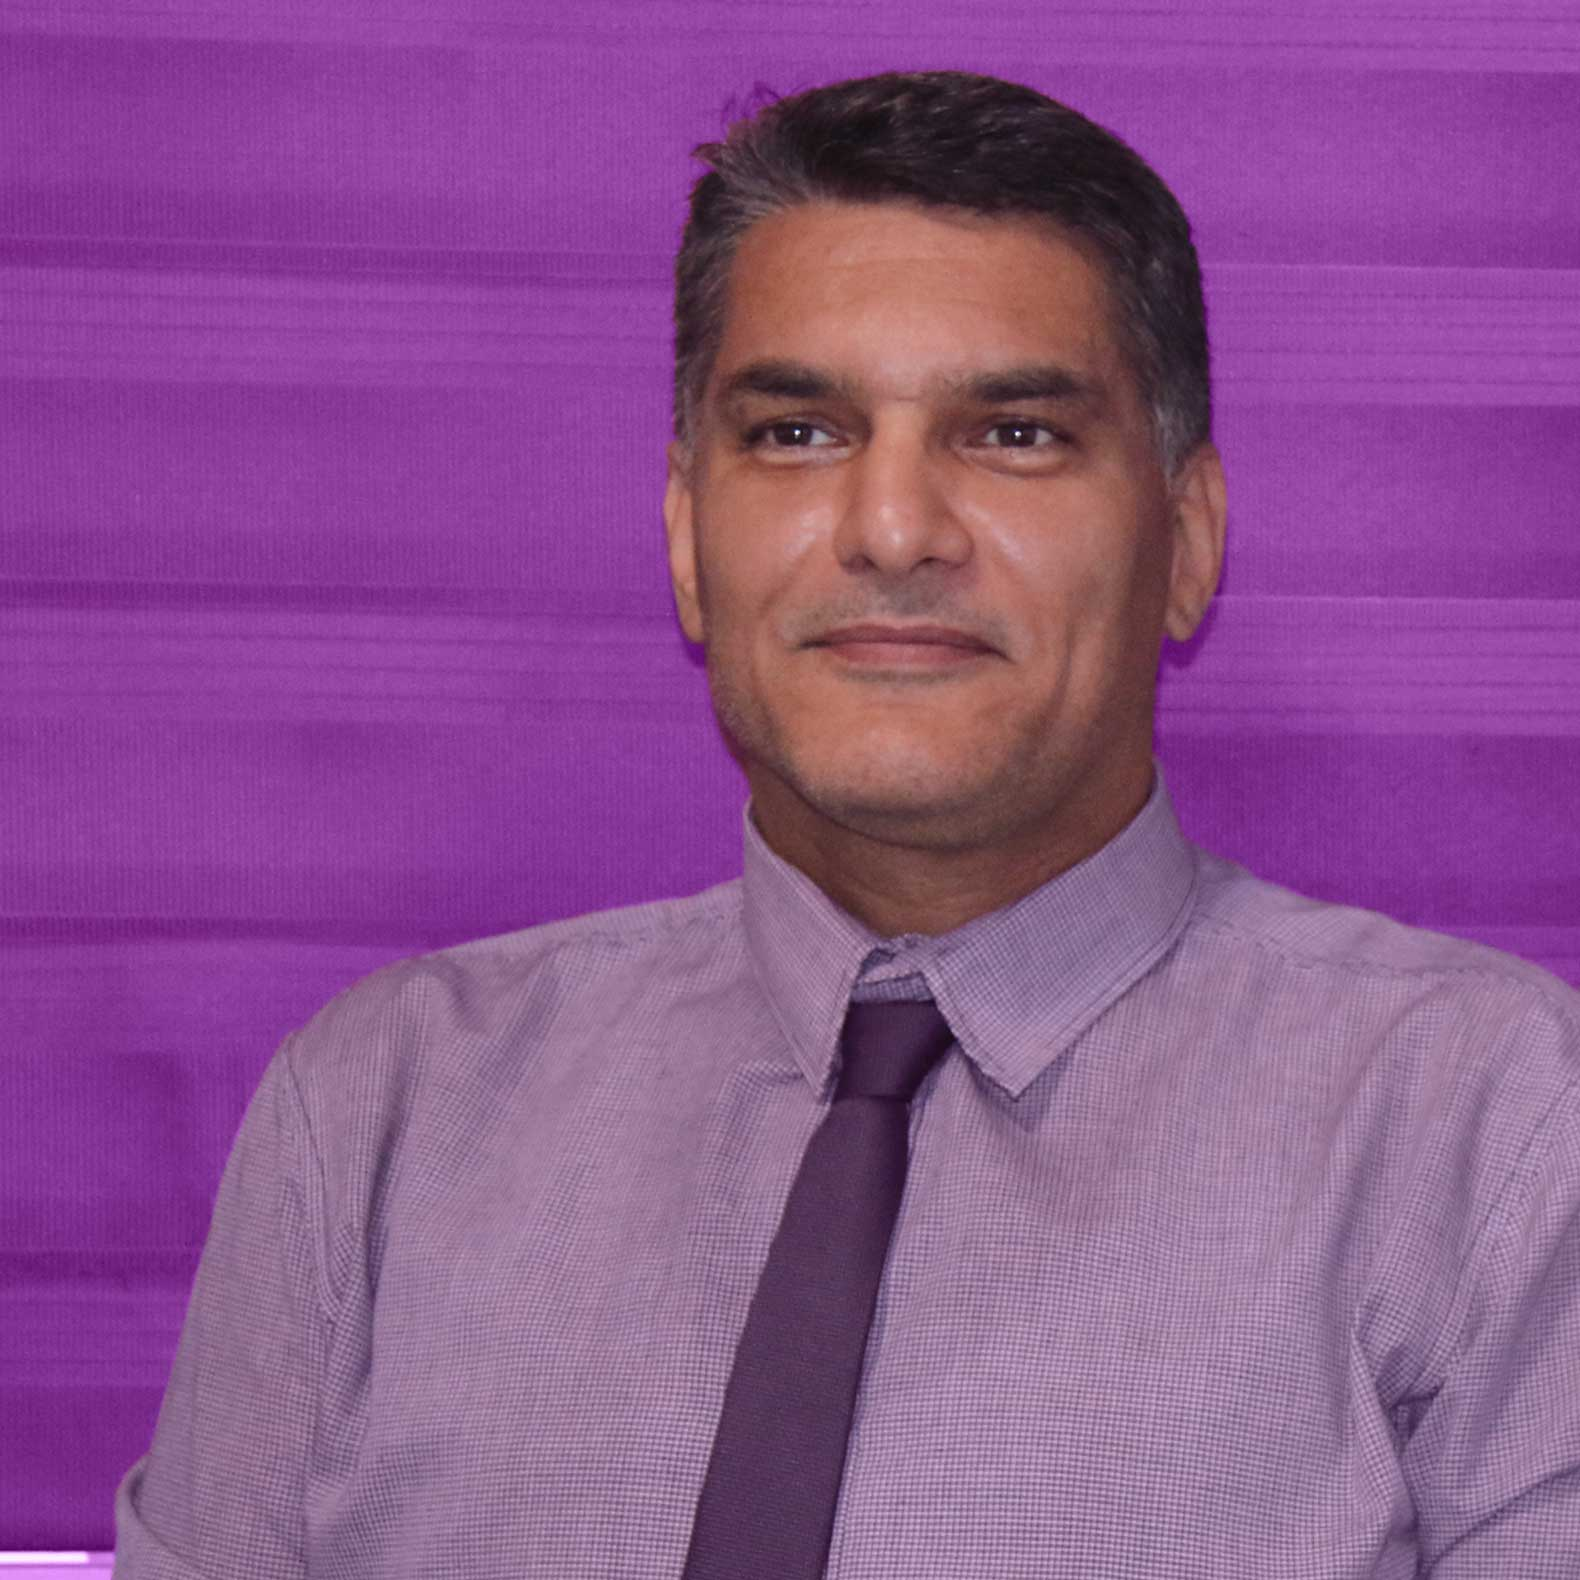 دکتر محمدرضا آراسته